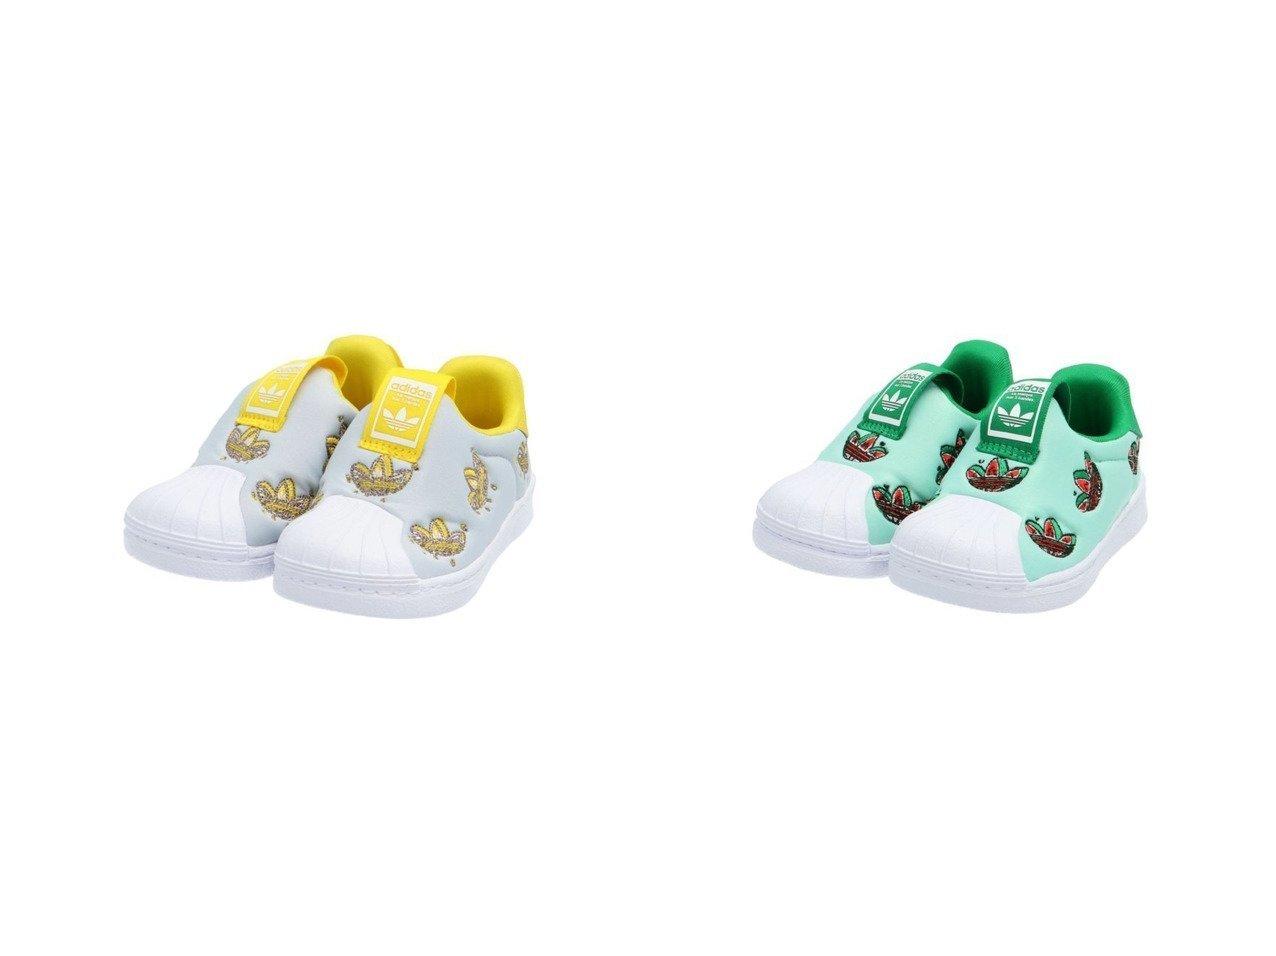 【adidas Originals / KIDS/アディダス オリジナルス】のSST 360 I アディダスオリジナルス(キッズ/子供用) 【KIDS】子供服のおすすめ!人気トレンド・キッズファッションの通販 おすすめで人気の流行・トレンド、ファッションの通販商品 メンズファッション・キッズファッション・インテリア・家具・レディースファッション・服の通販 founy(ファニー) https://founy.com/ ファッション Fashion キッズファッション KIDS S/S・春夏 SS・Spring/Summer カラフル シューズ スウィート スニーカー ベビー メッシュ モチーフ 再入荷 Restock/Back in Stock/Re Arrival  ID:crp329100000028968